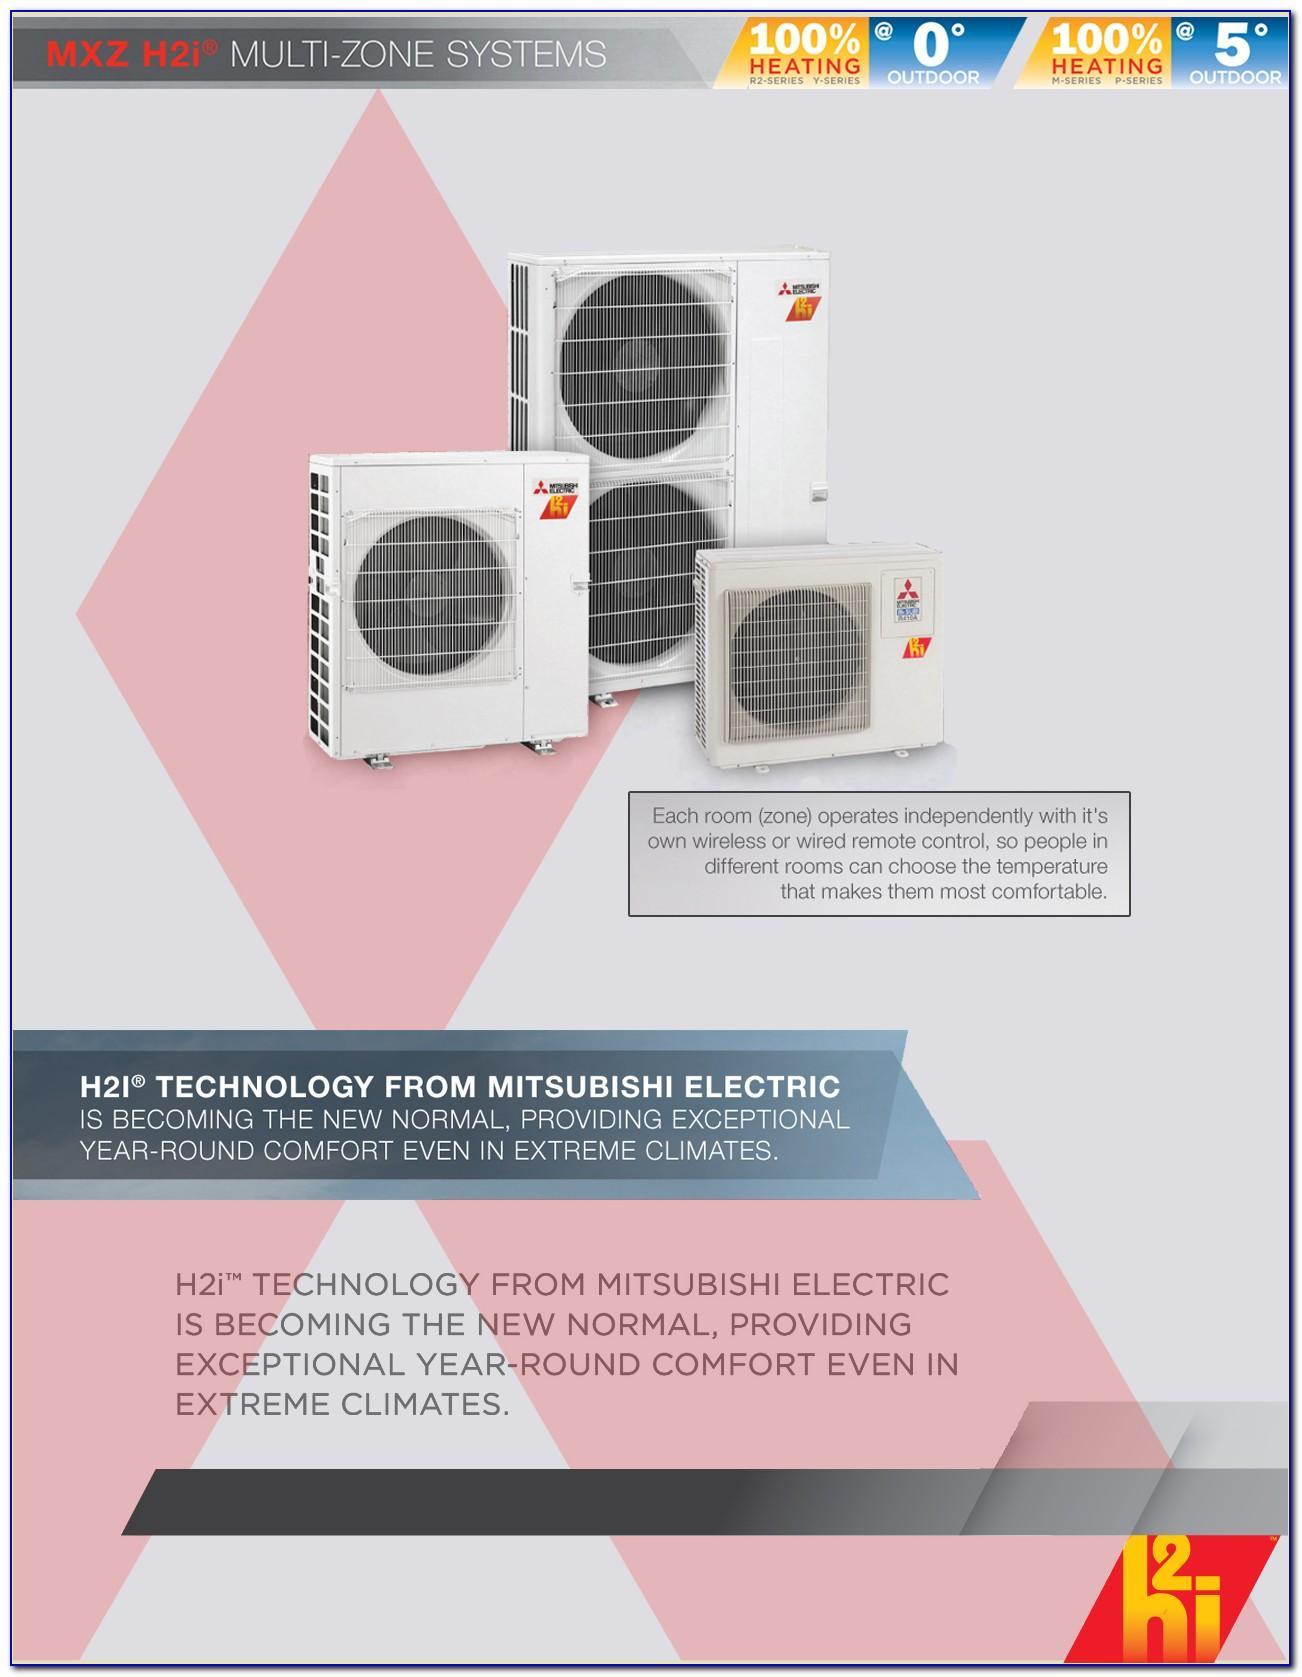 Mitsubishi Ductless Heat Pump Brochure